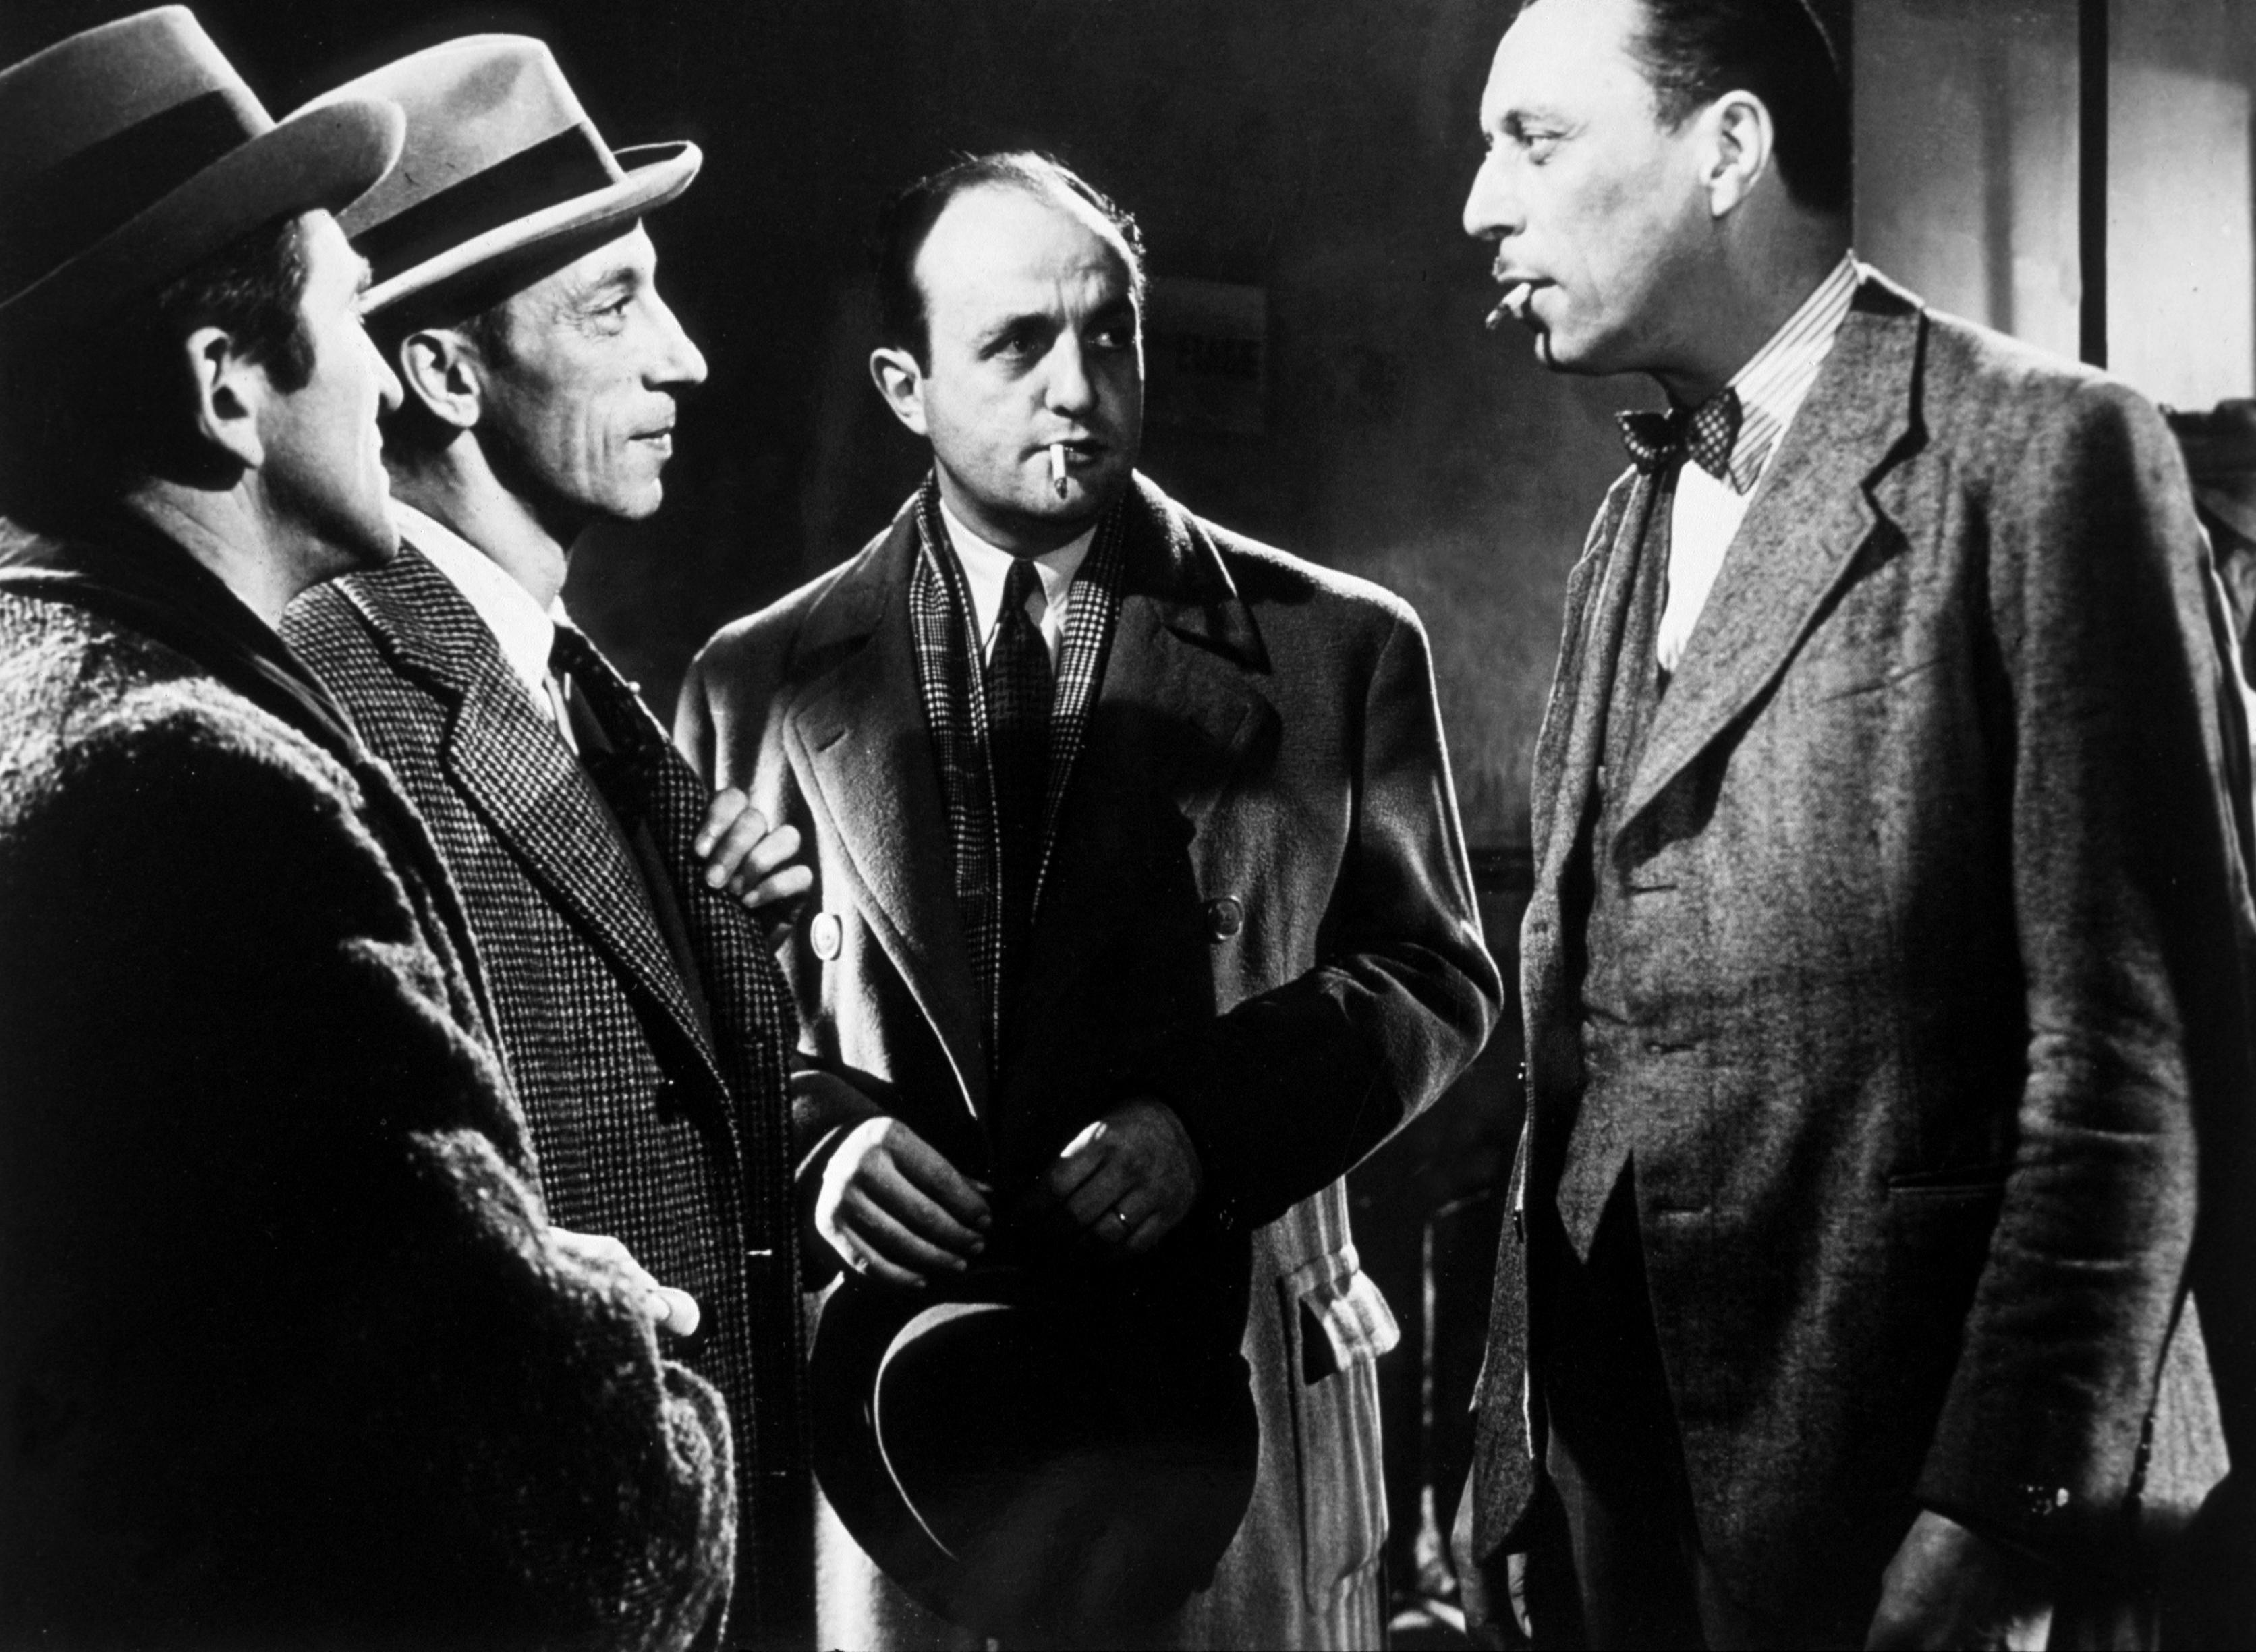 Bernard Blier, Raymond Bussières, and Louis Jouvet in Quai des Orfèvres (1947)